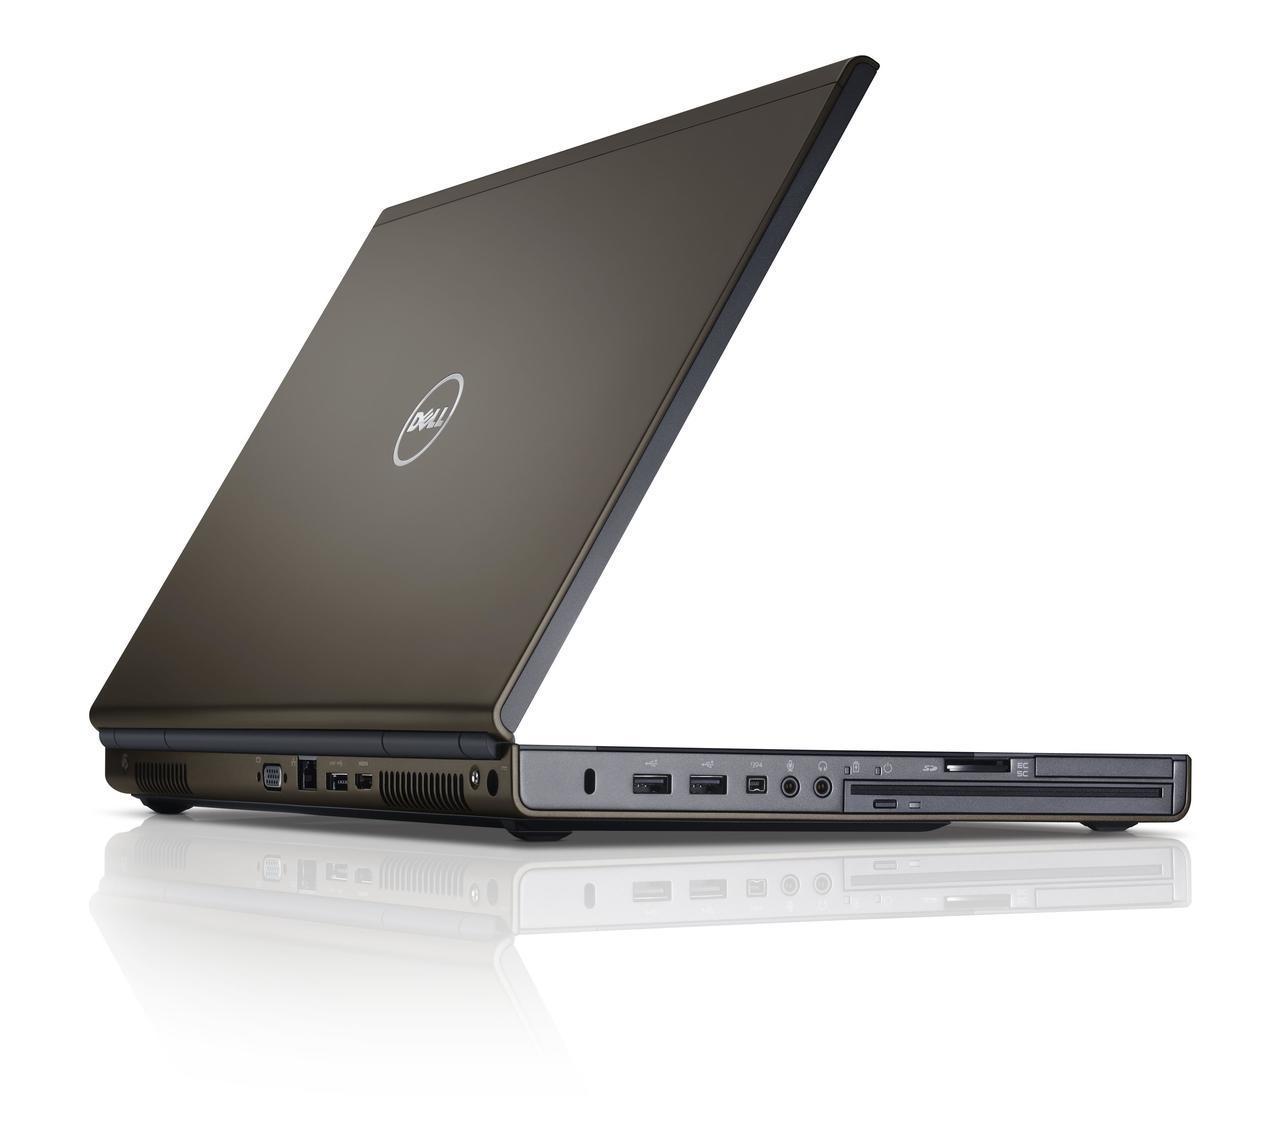 لابتوب DELL M4800 وورك ستيشن من الجيل الرابع بكارت Nvidia K1100m 2GB DDR5